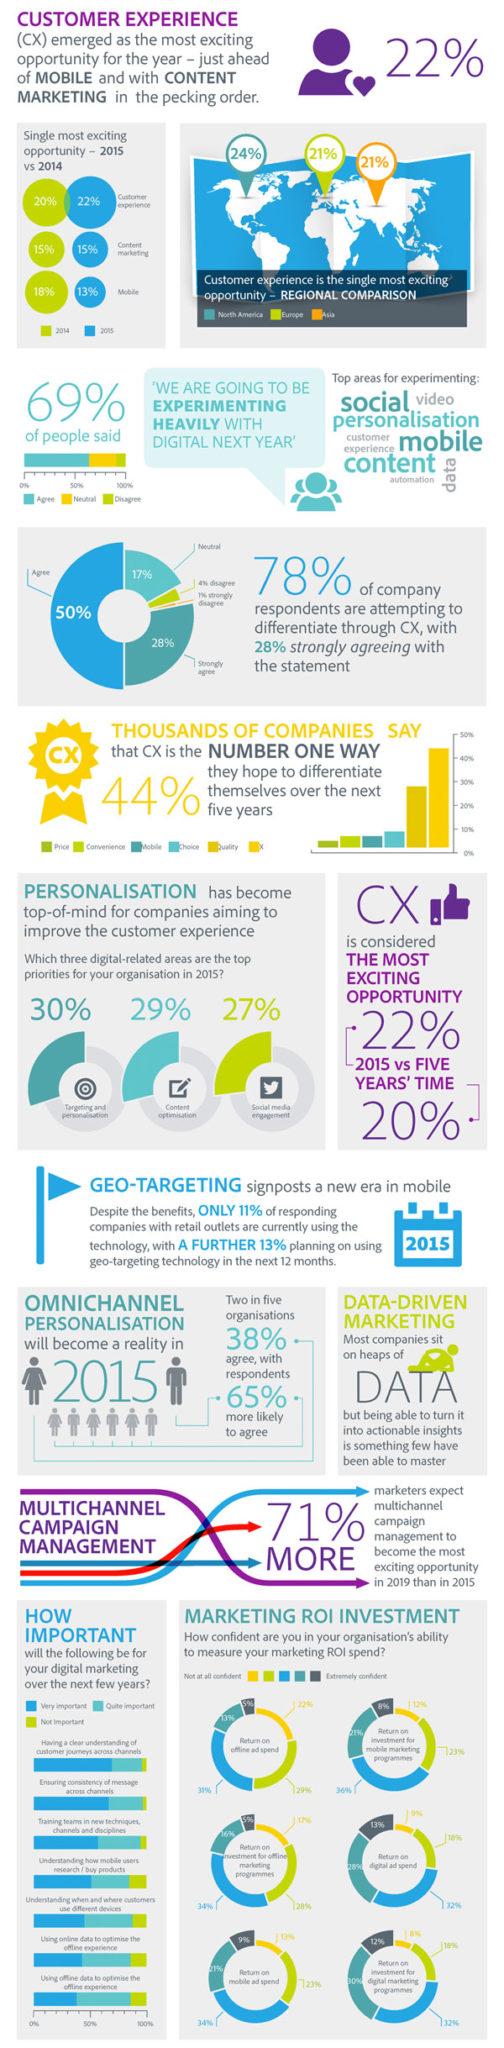 cx-infographic